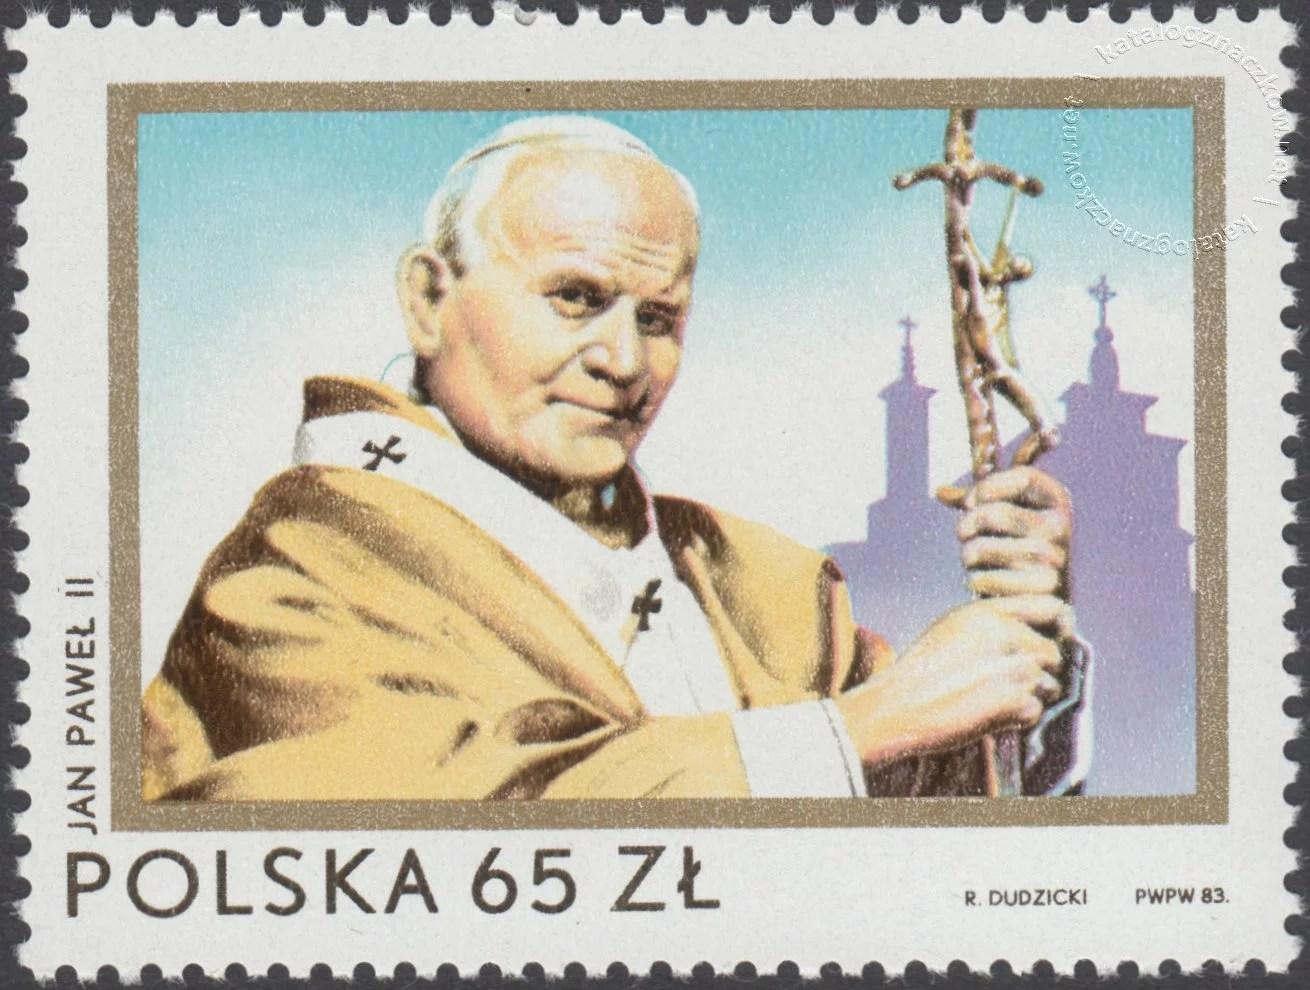 II wizyta papieża Jana Pawła II w Polsce znaczek nr 2721